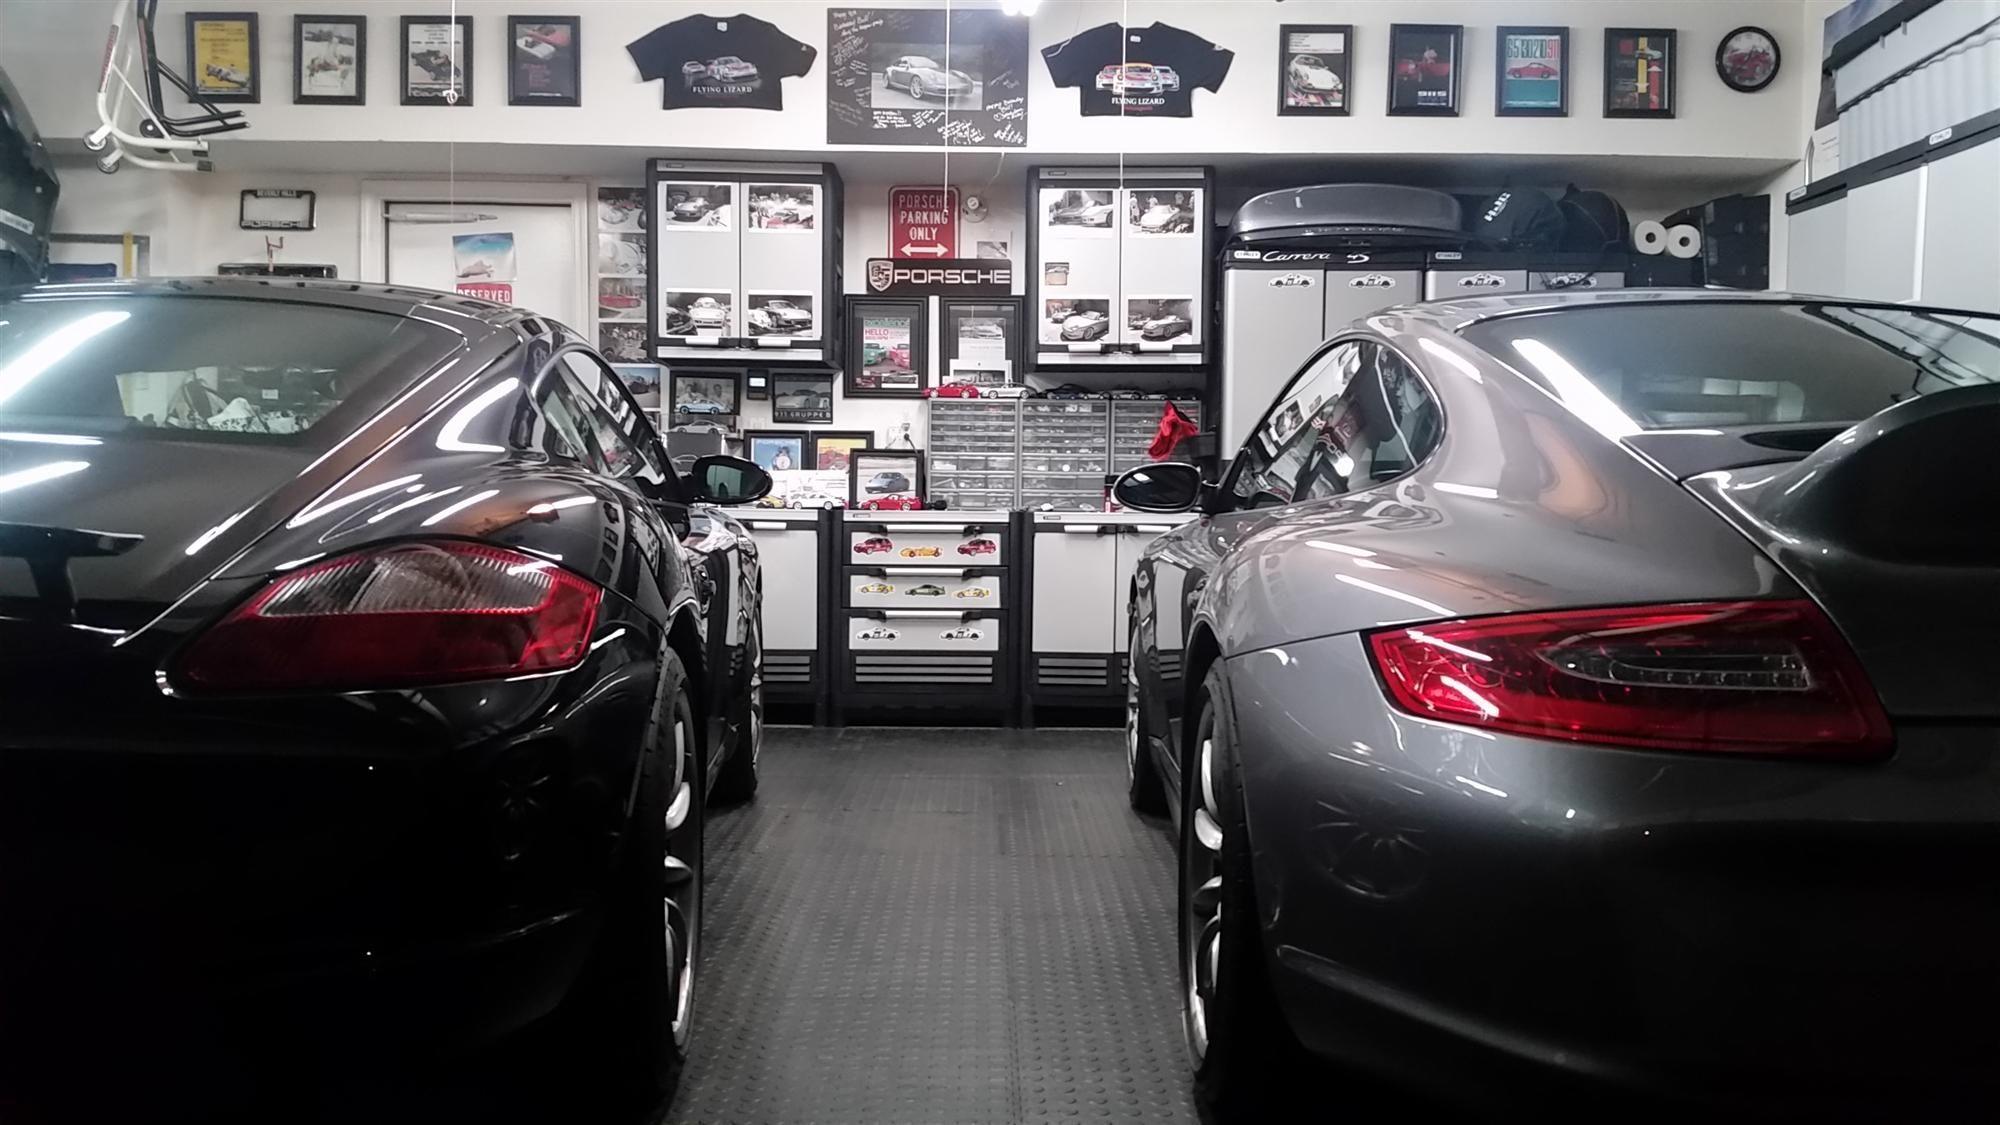 Free photo: Porsche Garage - Porsche, ride, garage - Creative ...